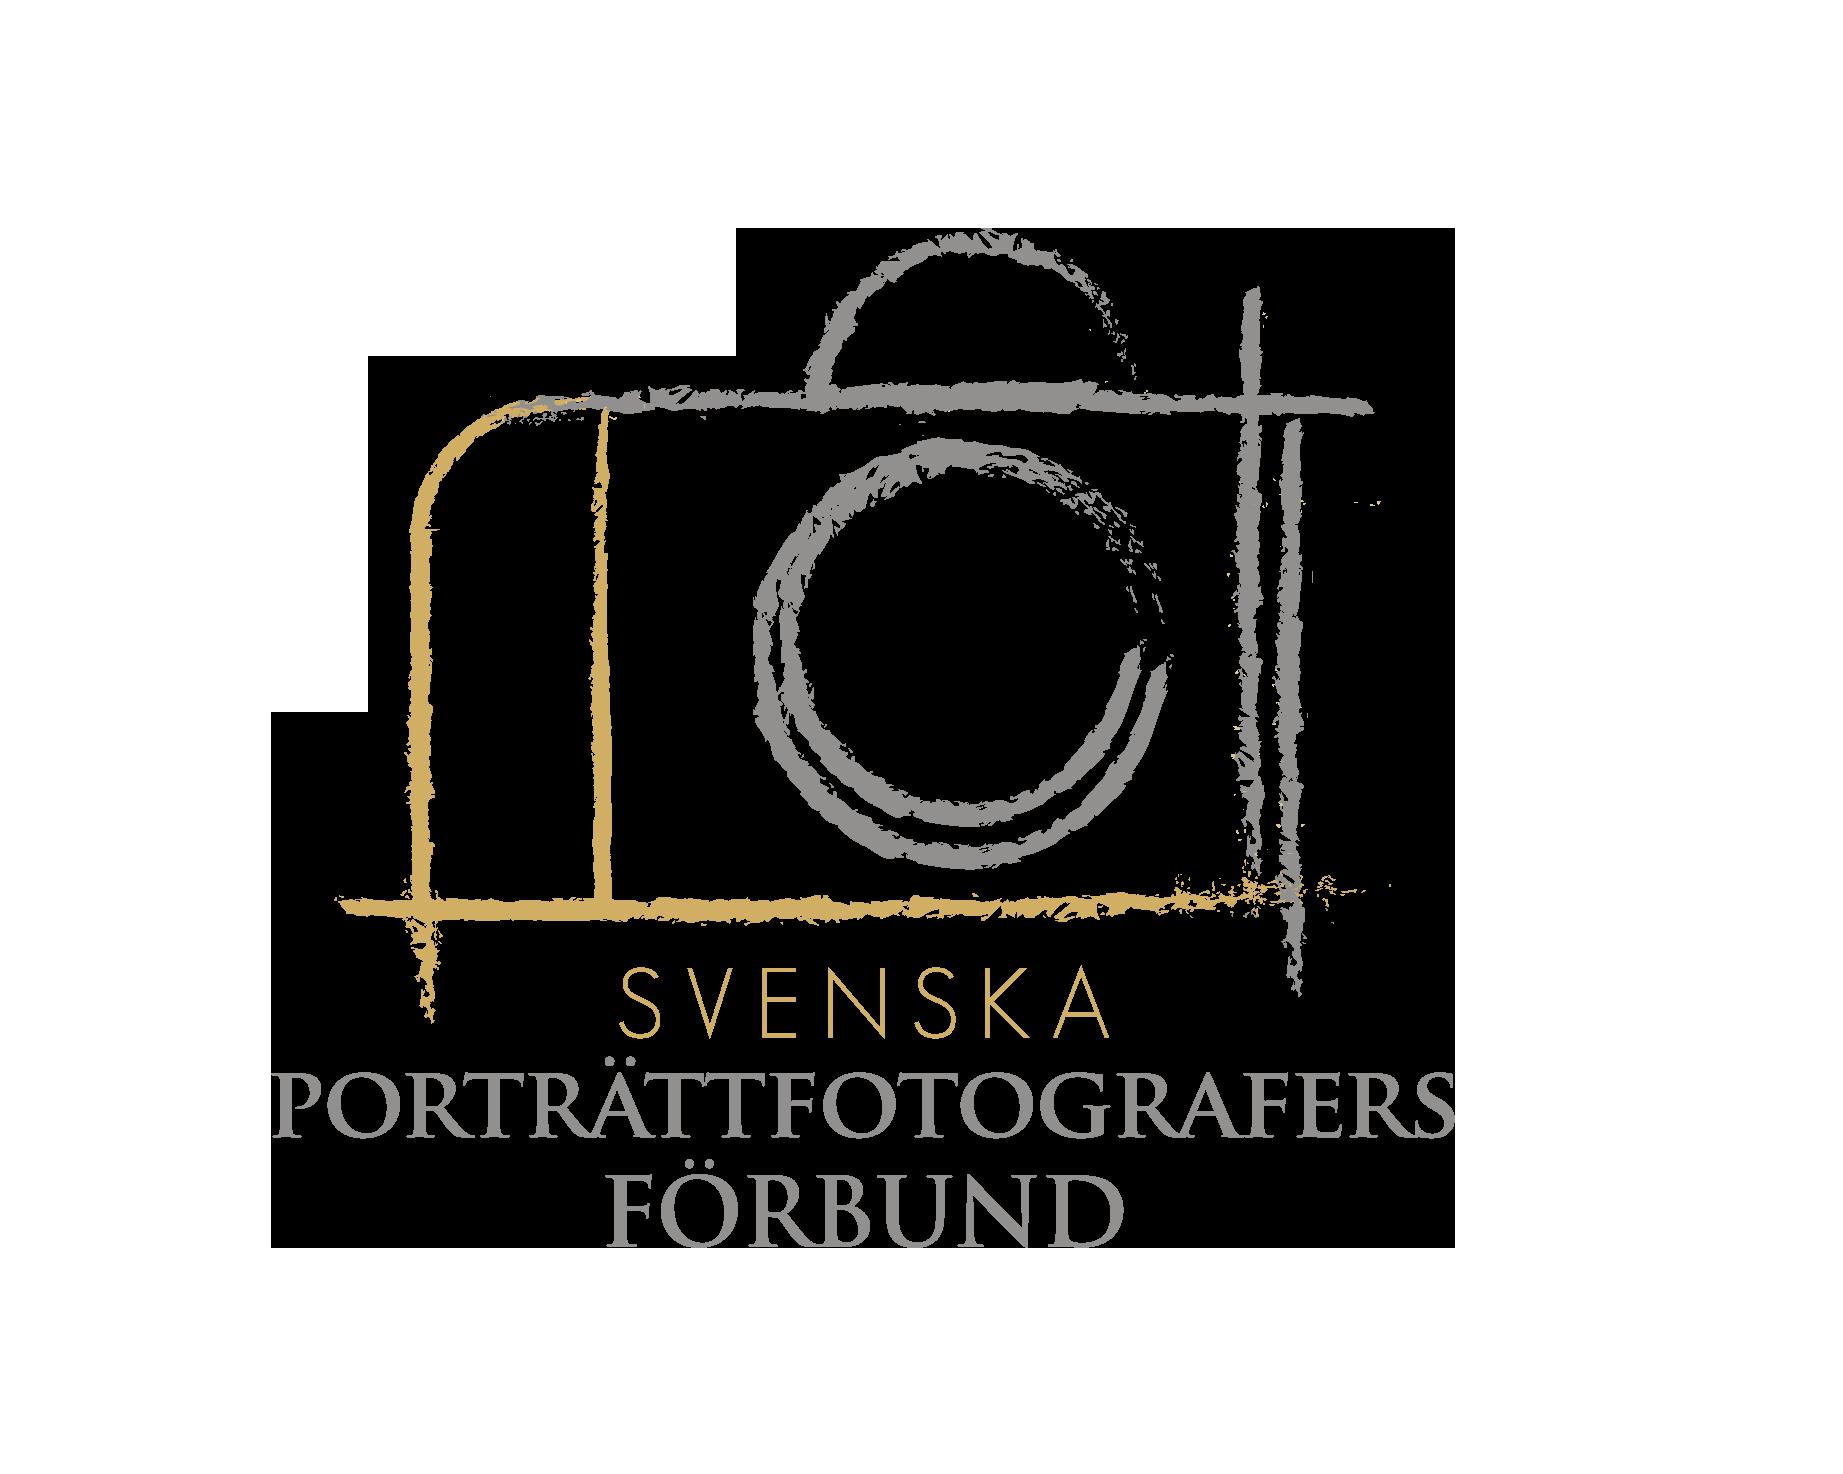 Svenska Porträttfotografers Förbund orginal 170508-2.png